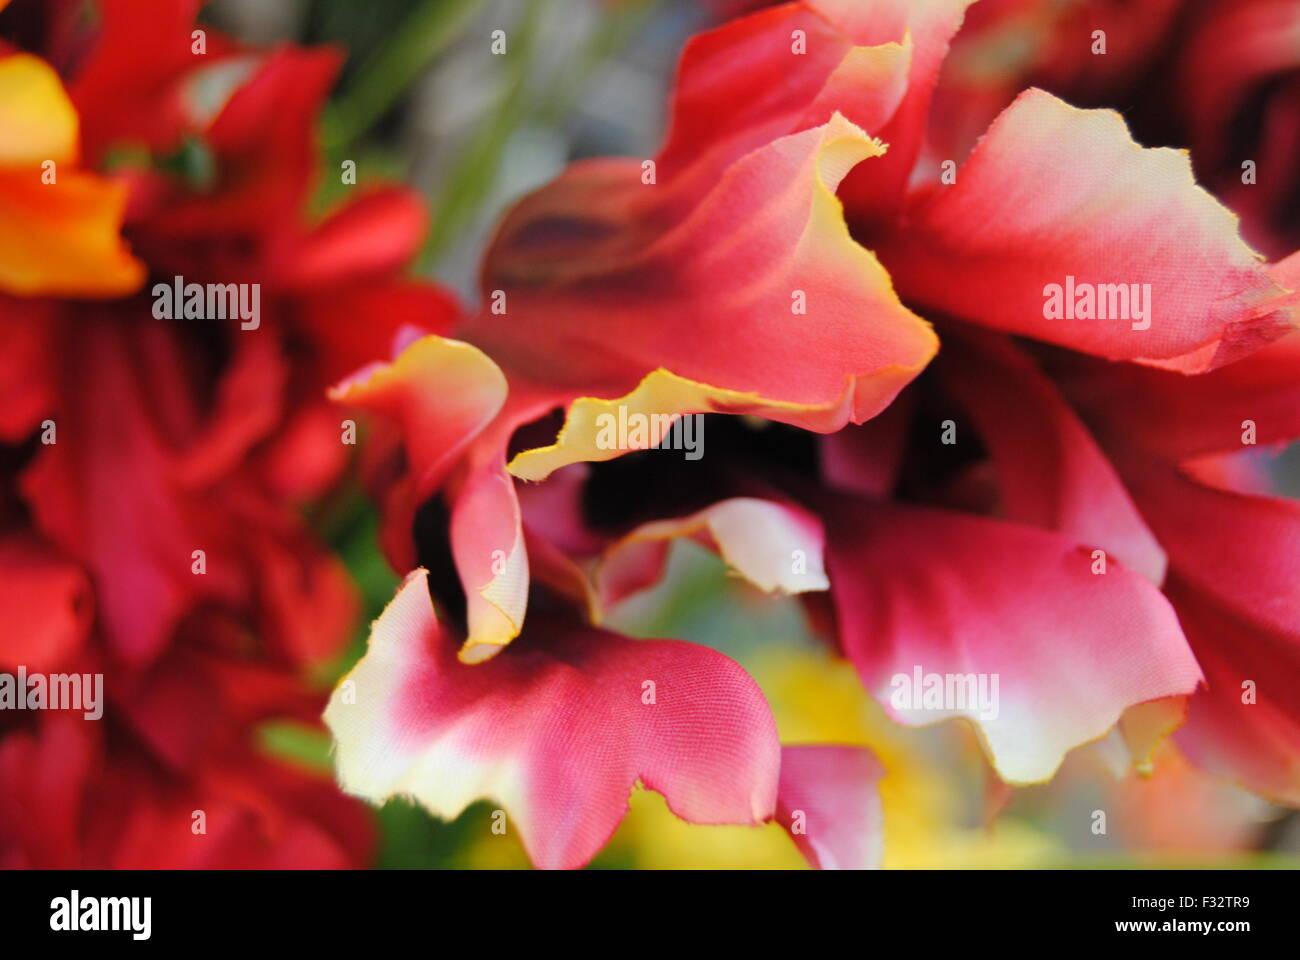 Multi-coloured flower. - Stock Image